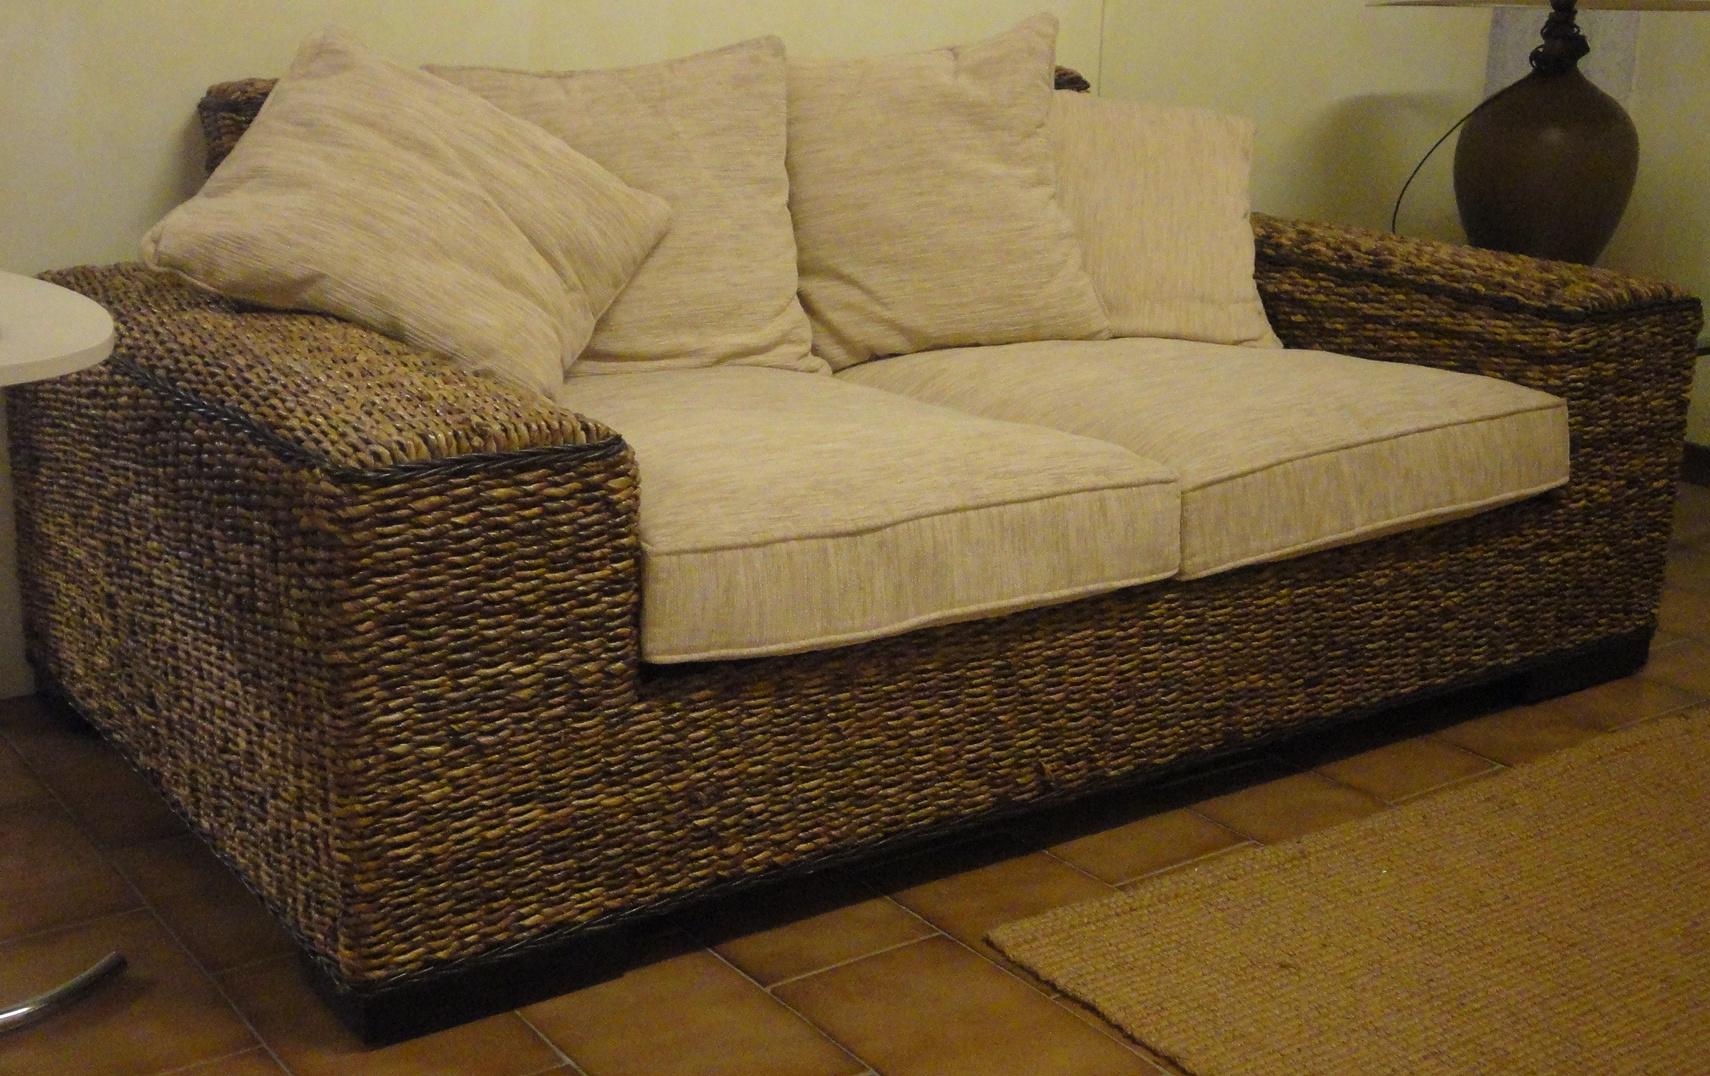 Divano castagnetti divano in rattan scontato del 60 for Divano rattan